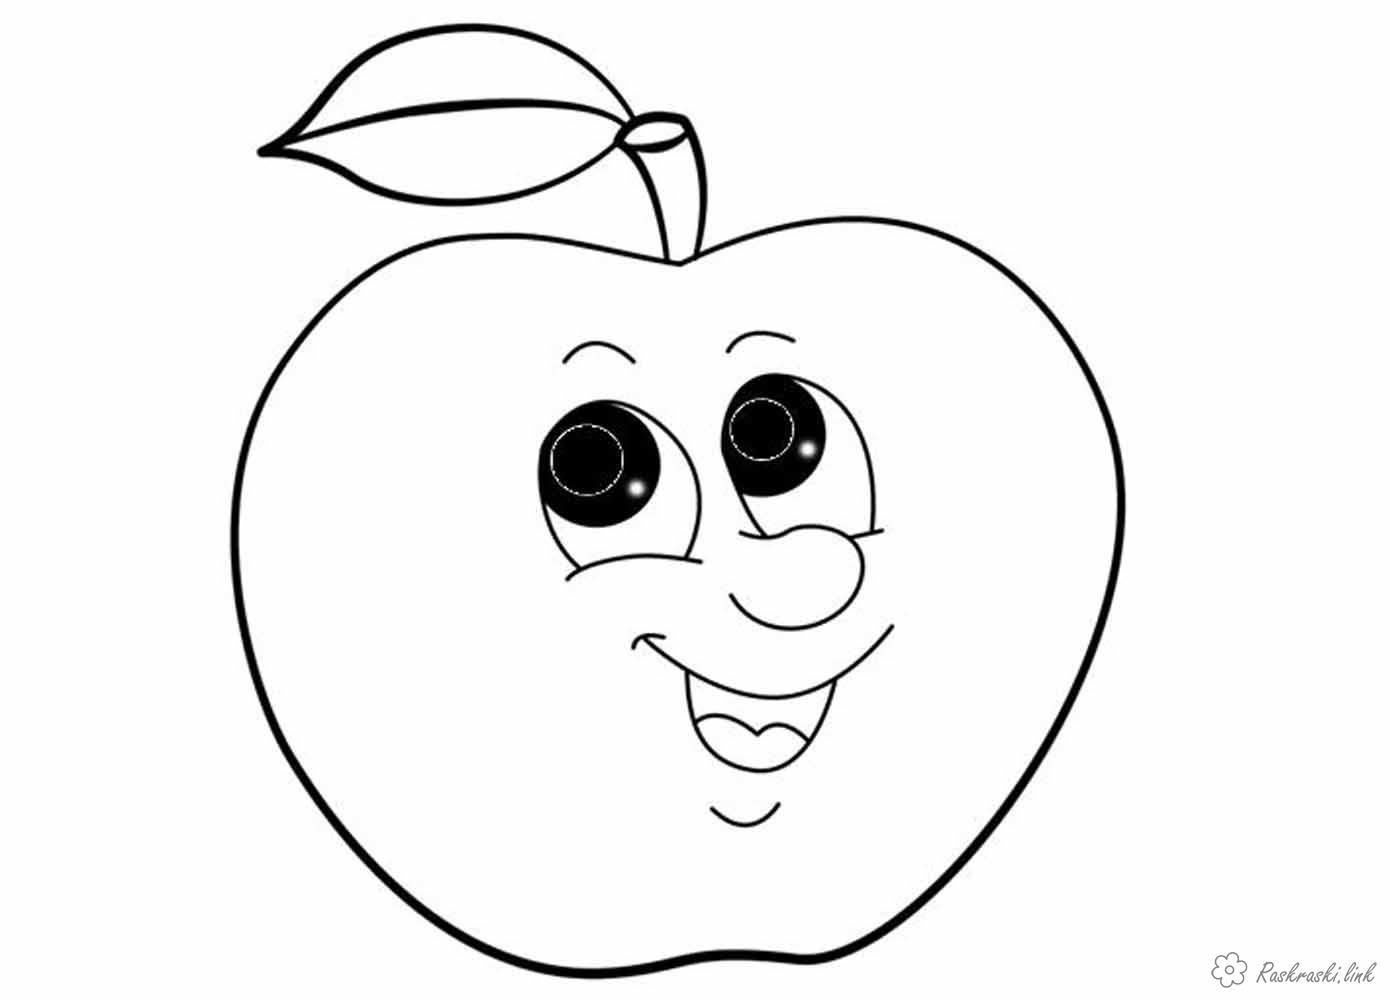 Раскраска яблоки. | Educational worksheets, Clip art